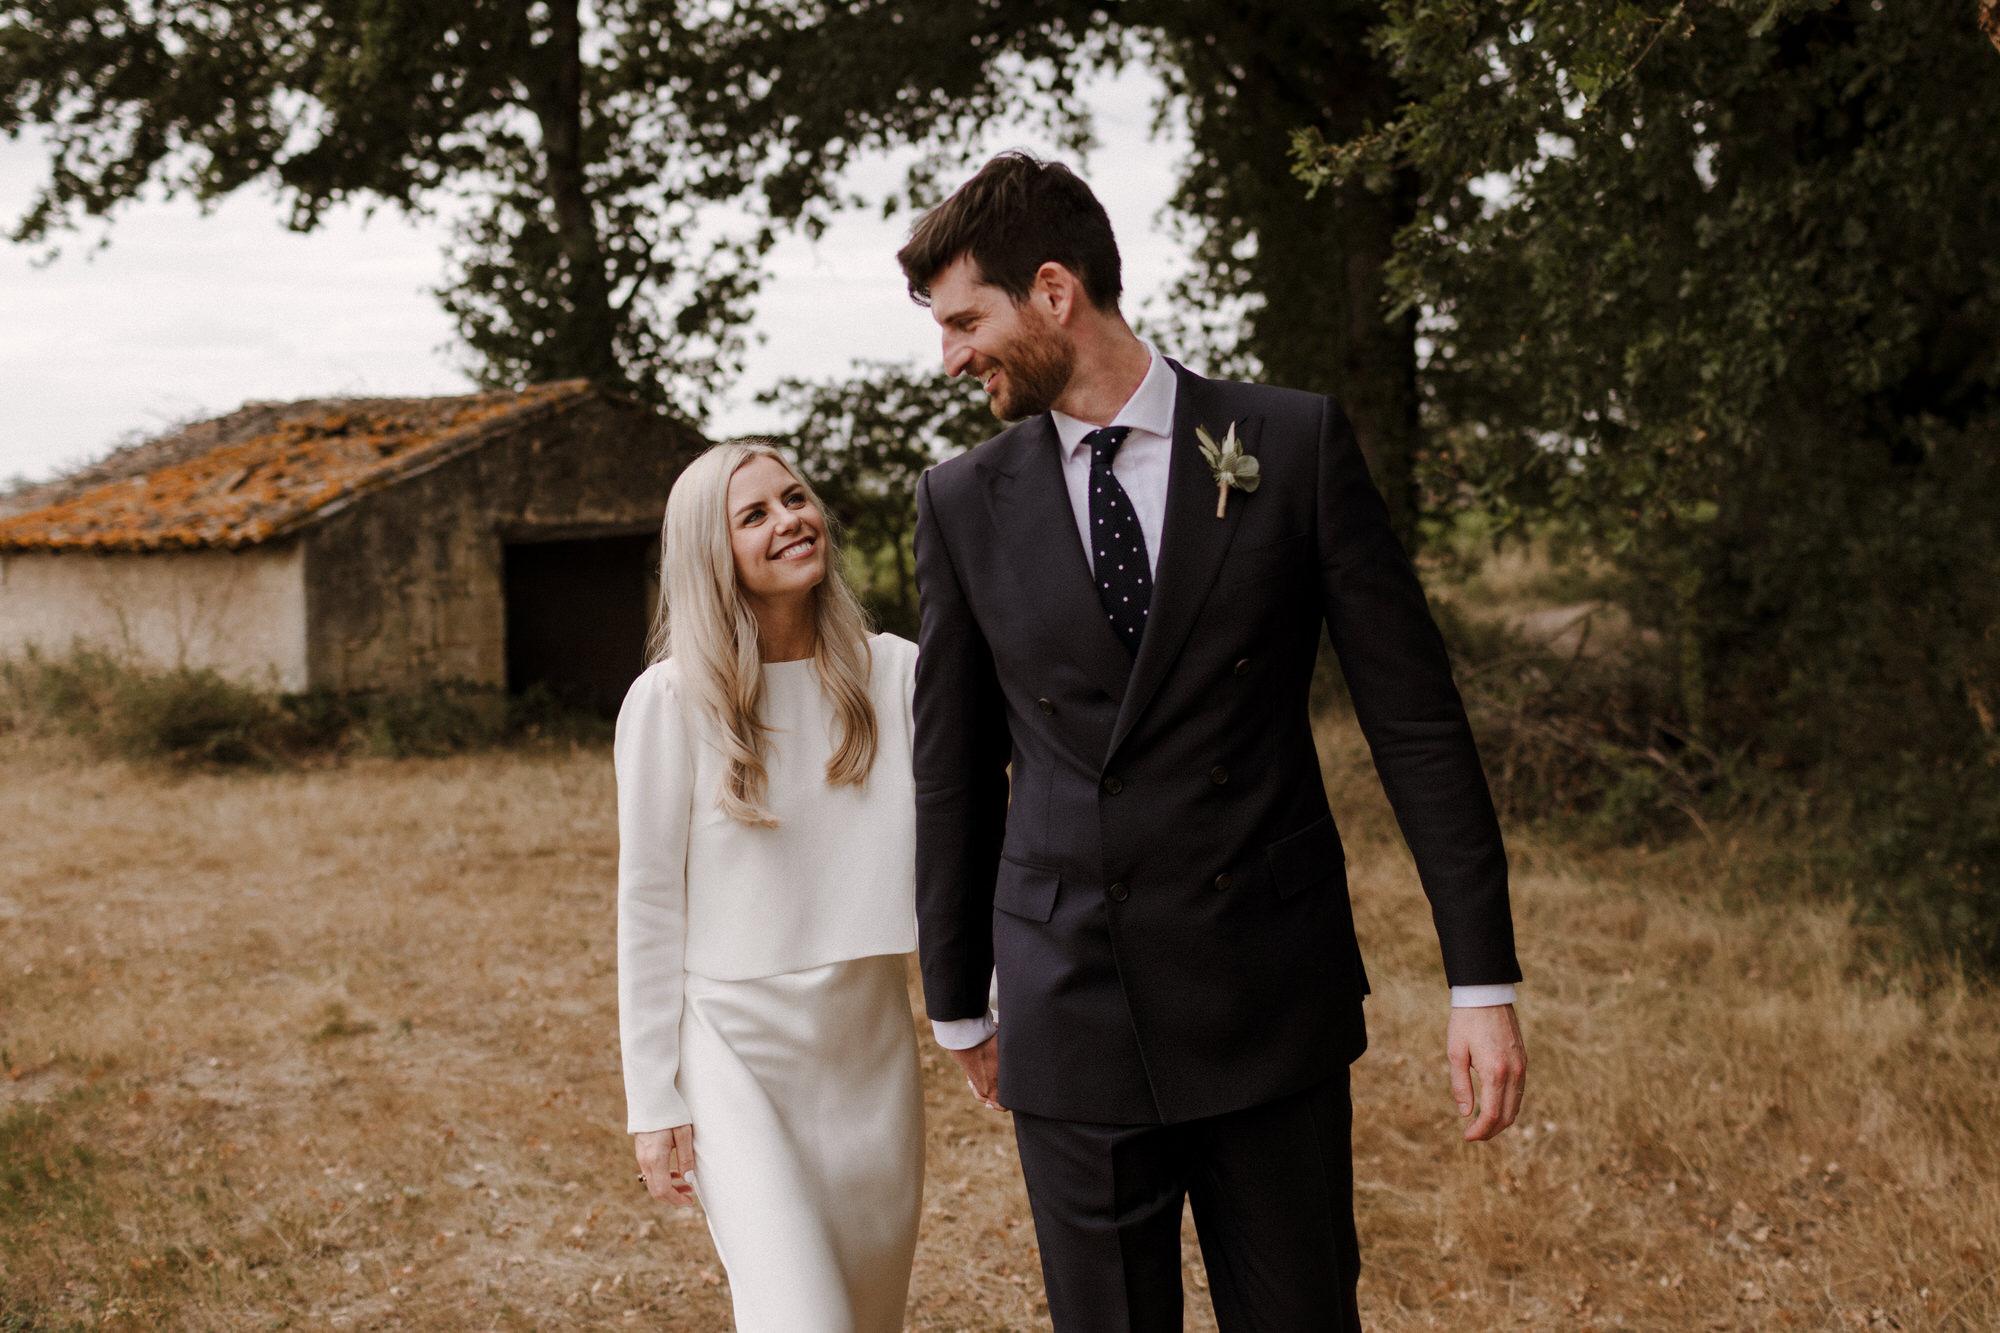 Chateau Rigaud Wedding Photography 17-28-02-CQ2A3687-R+L.jpg